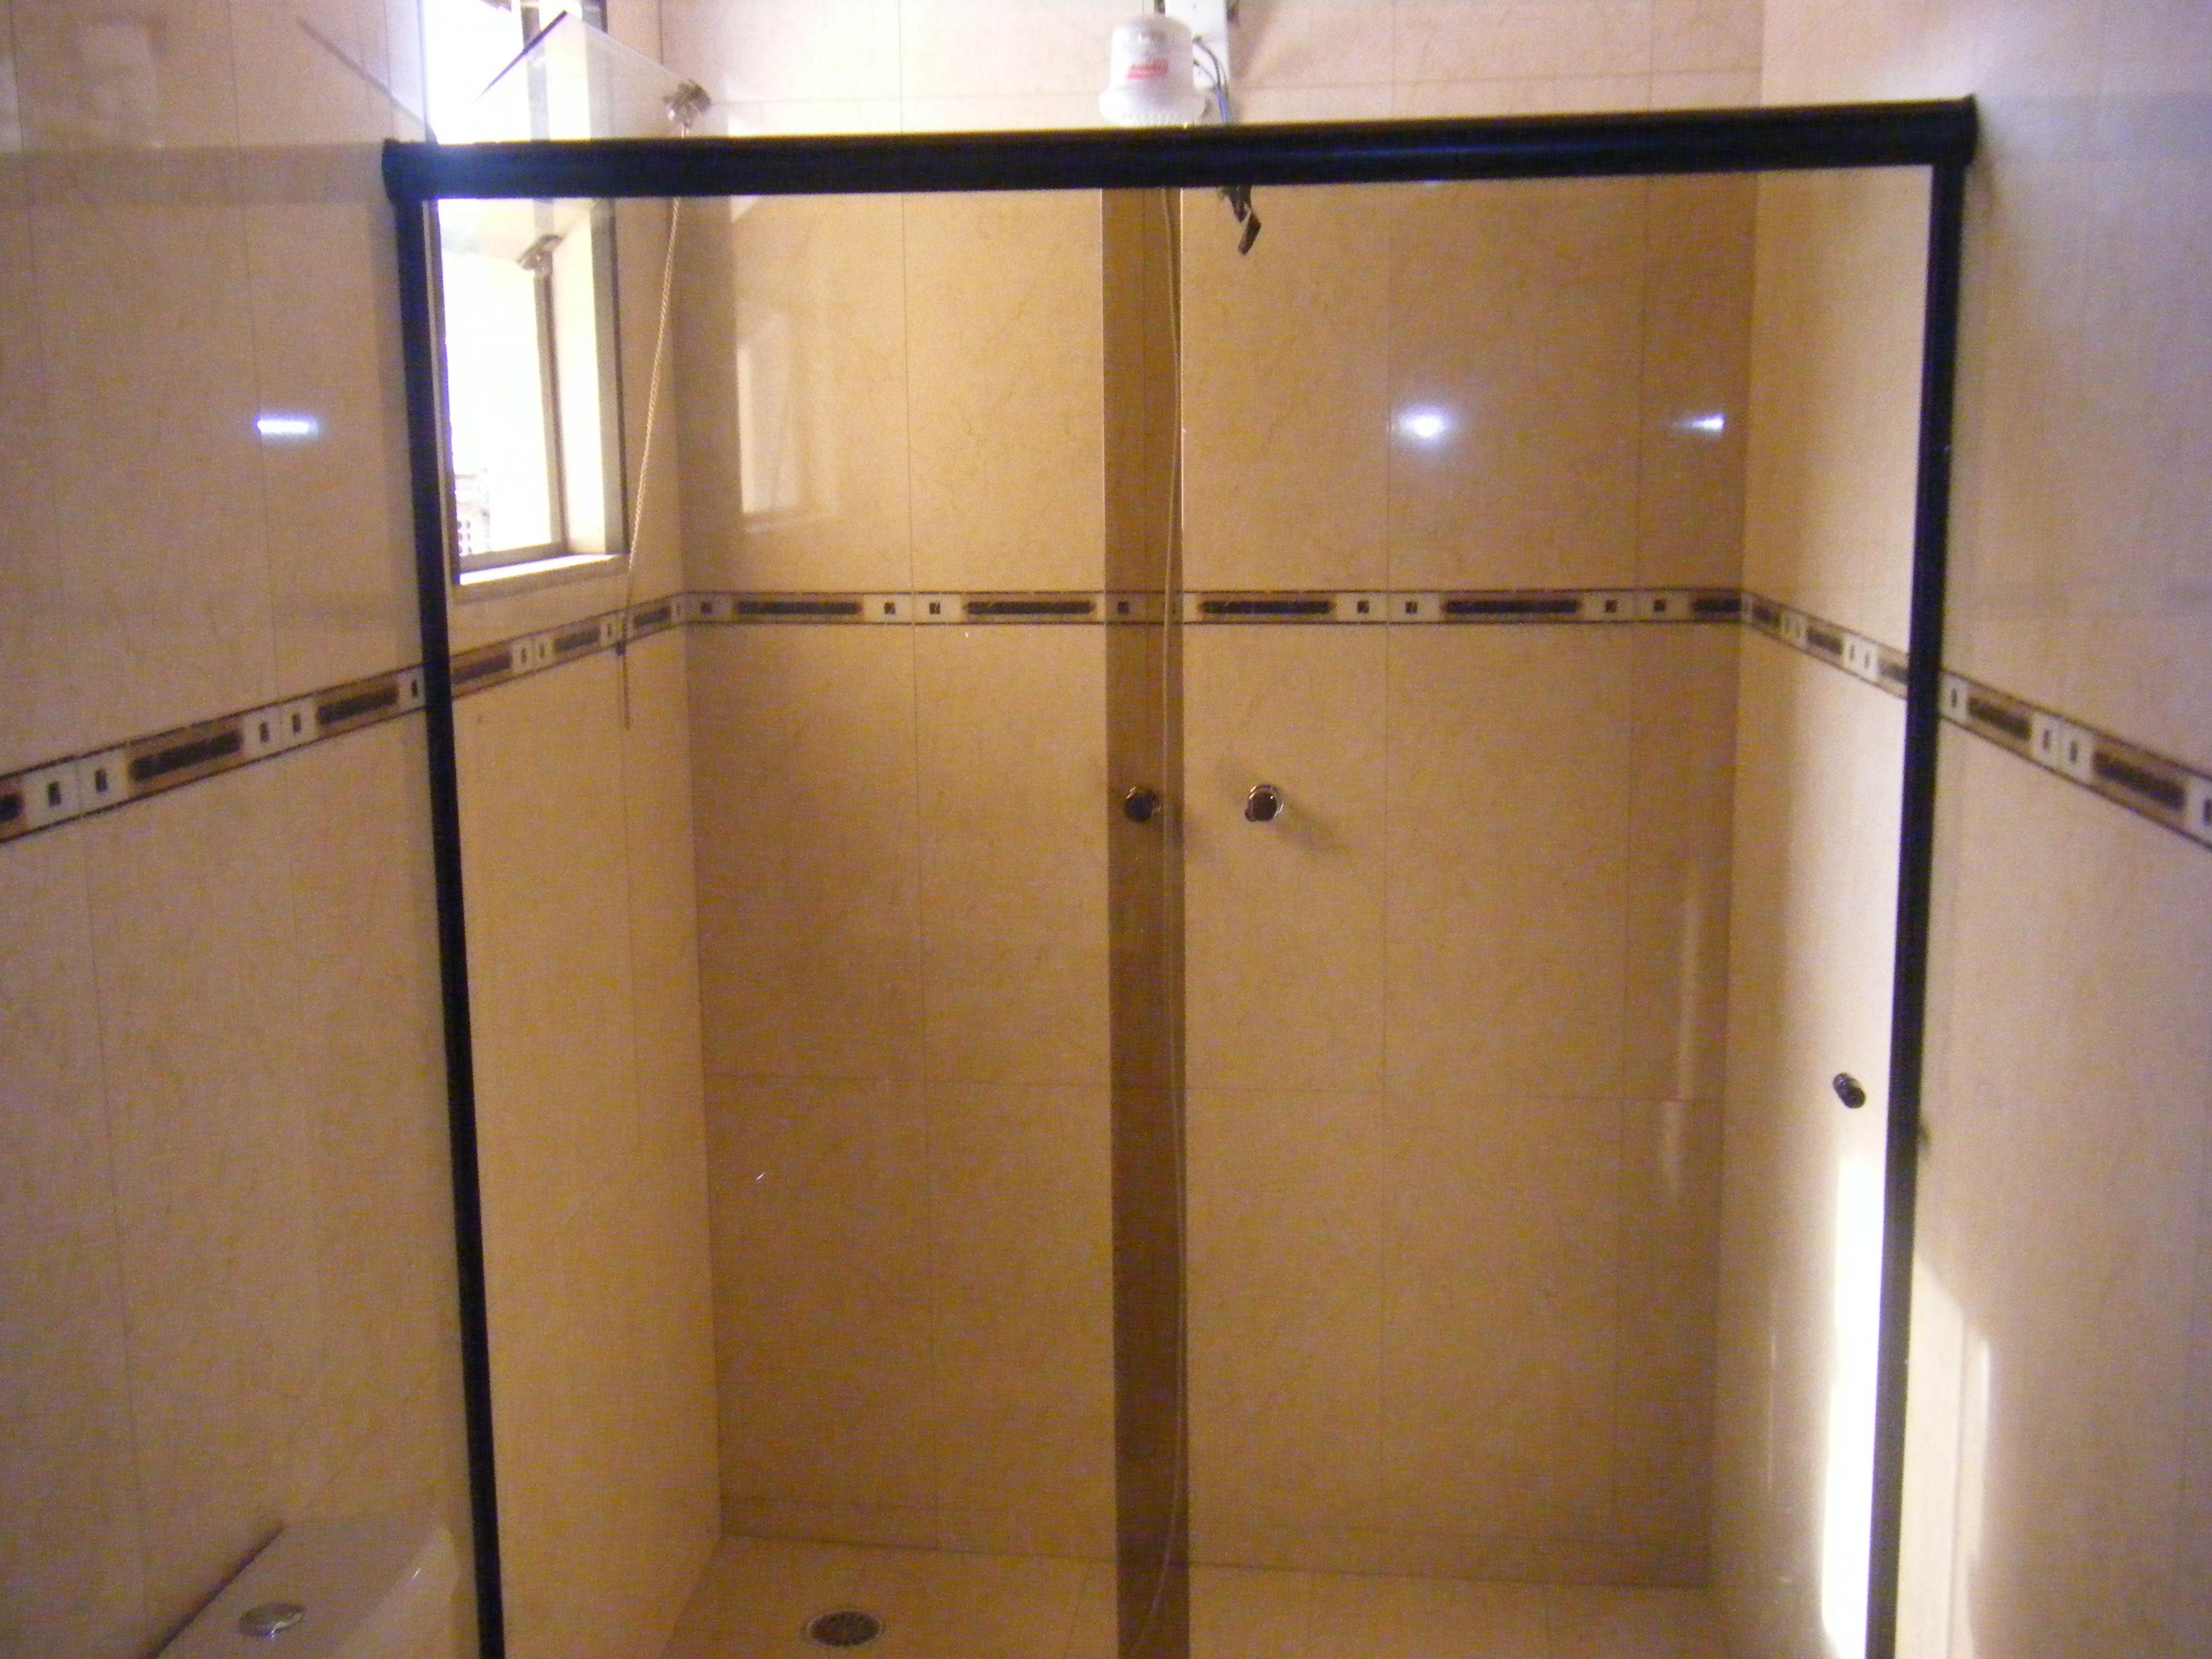 09 de fevereiro de 2012 quinta box frontal box frontal 2 folhas em  #966935 3264x2448 Banheiro Bege Com Box Fume